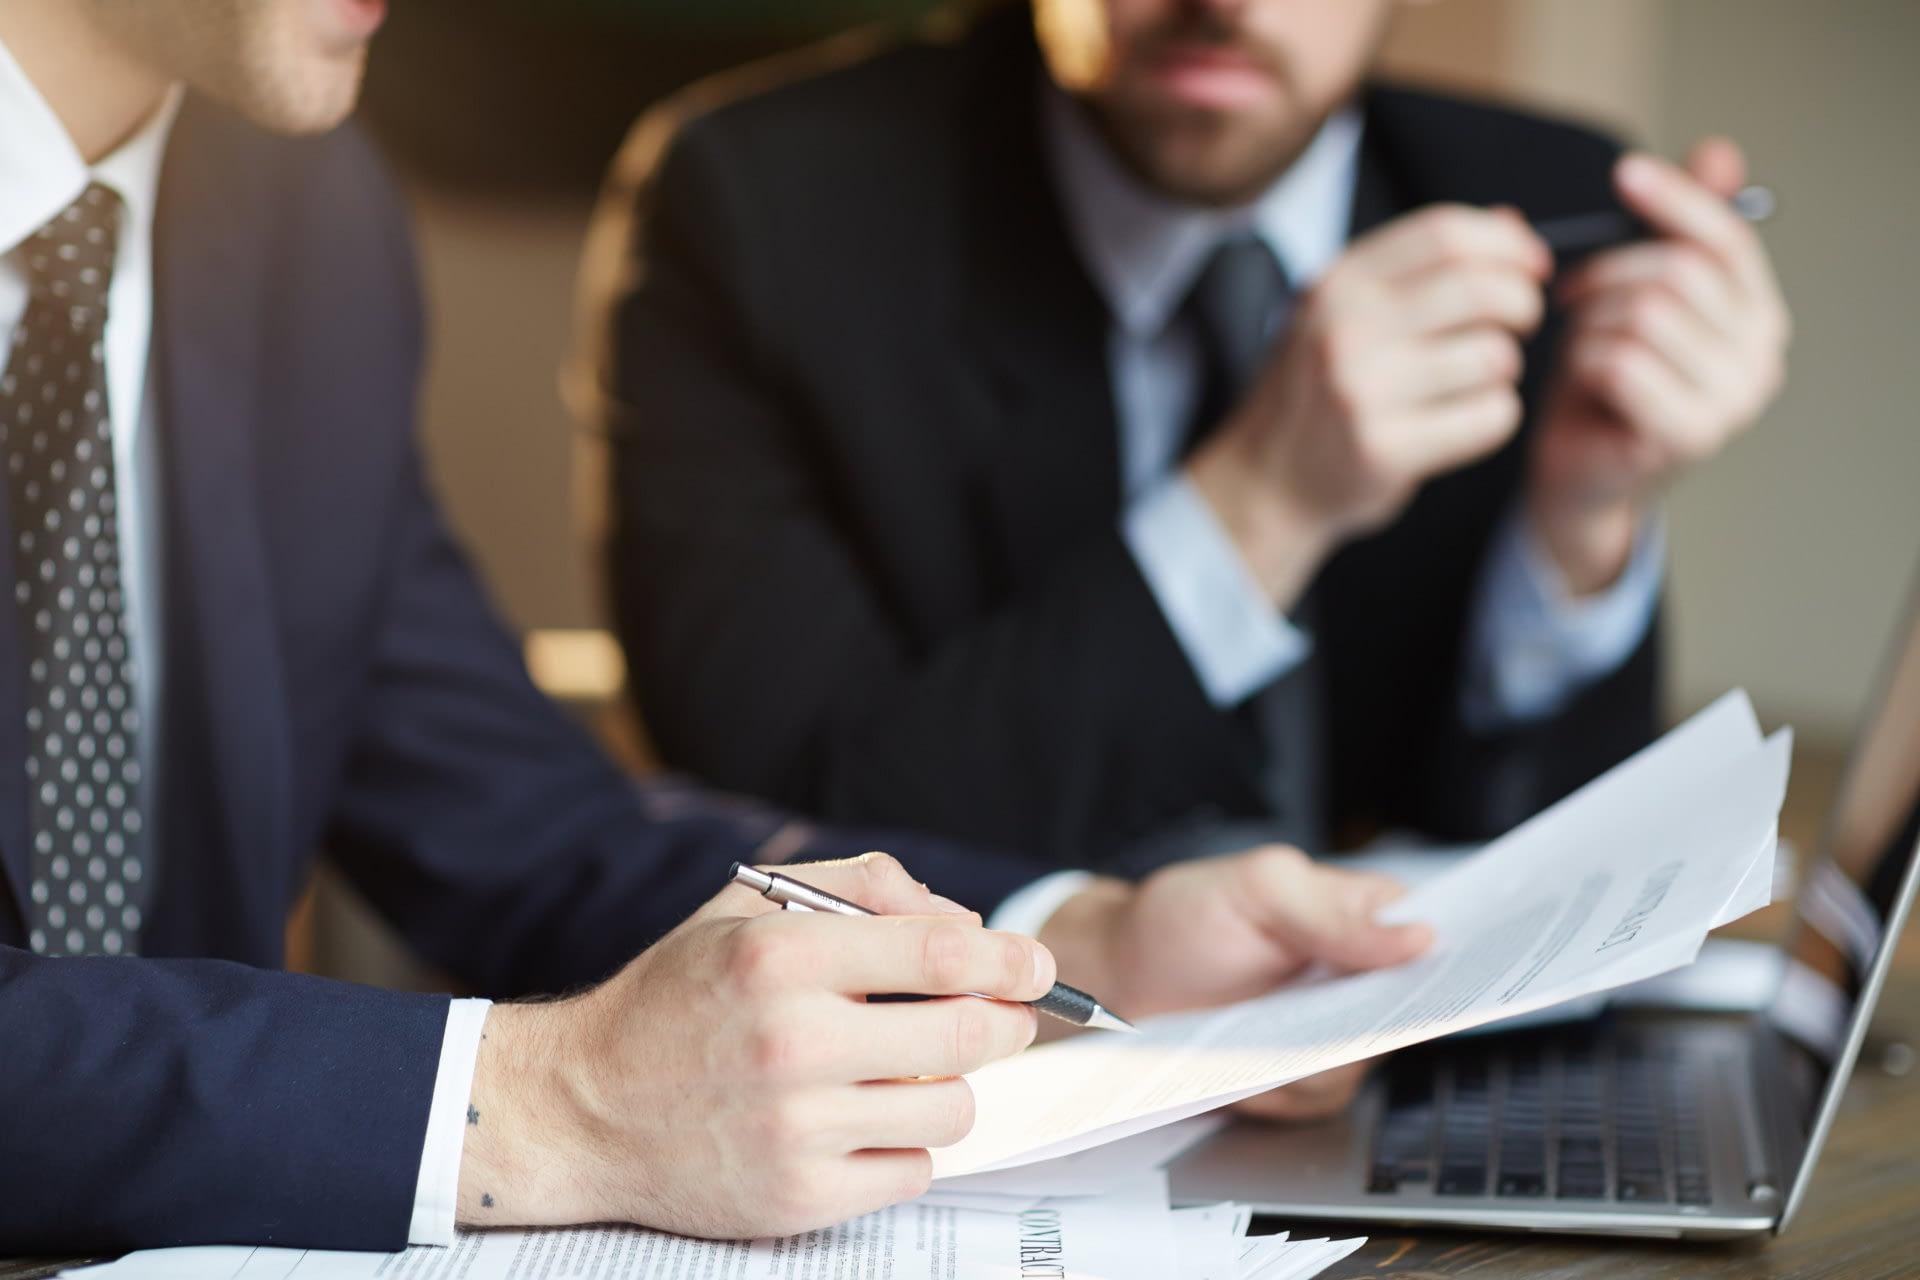 detectives fraudes empresariales